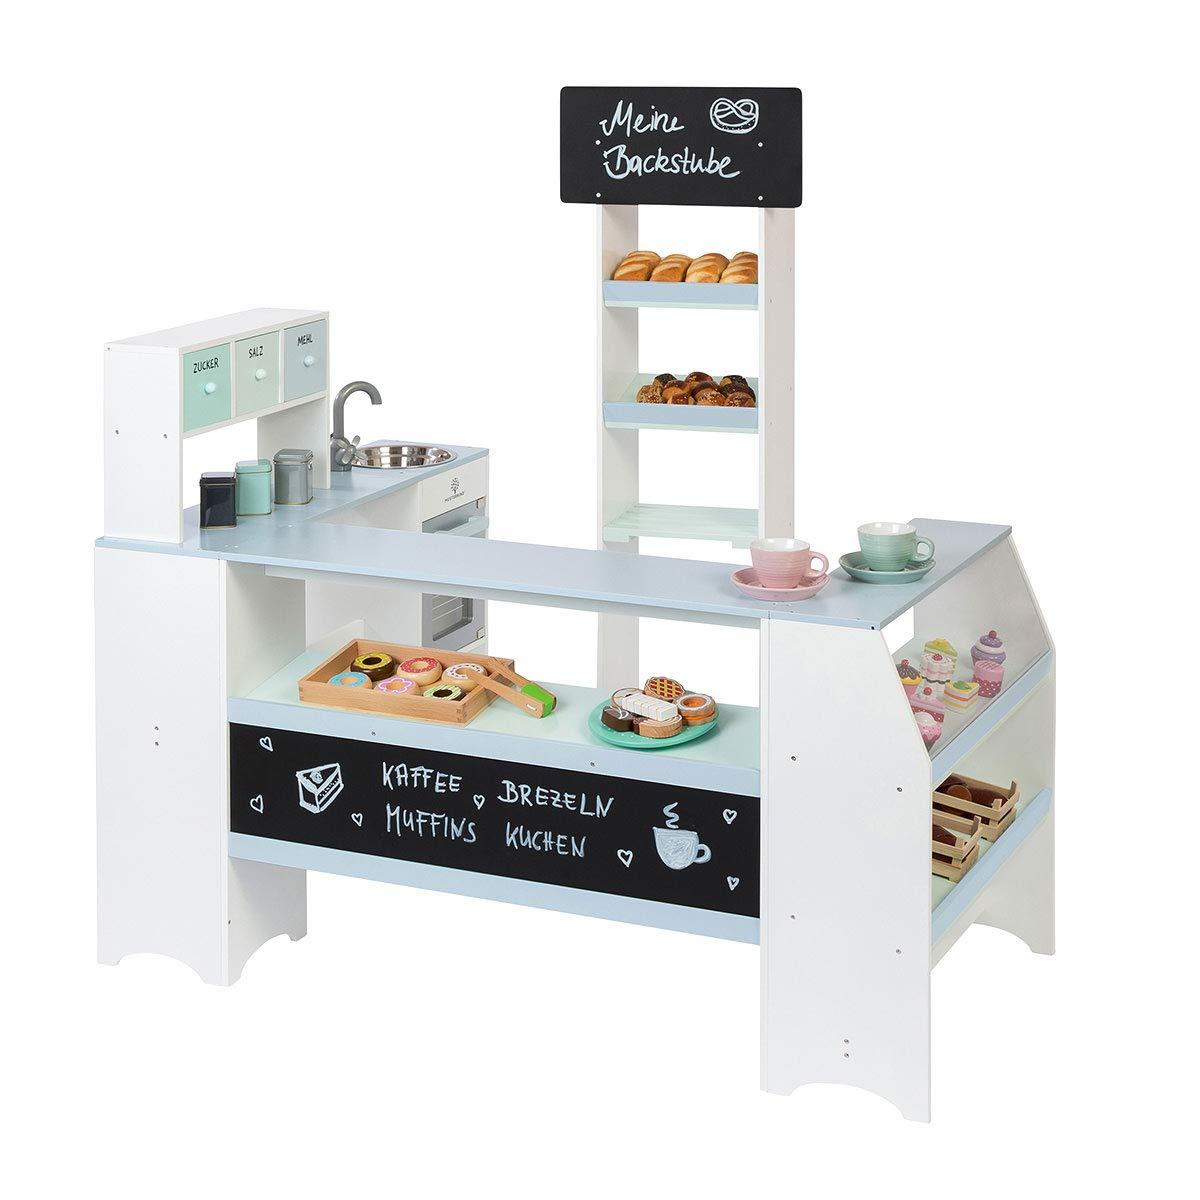 Musterkind Kaufladen Bäckerei - Musterkind Kaufmannsladen Bäcker & Konditor Grano